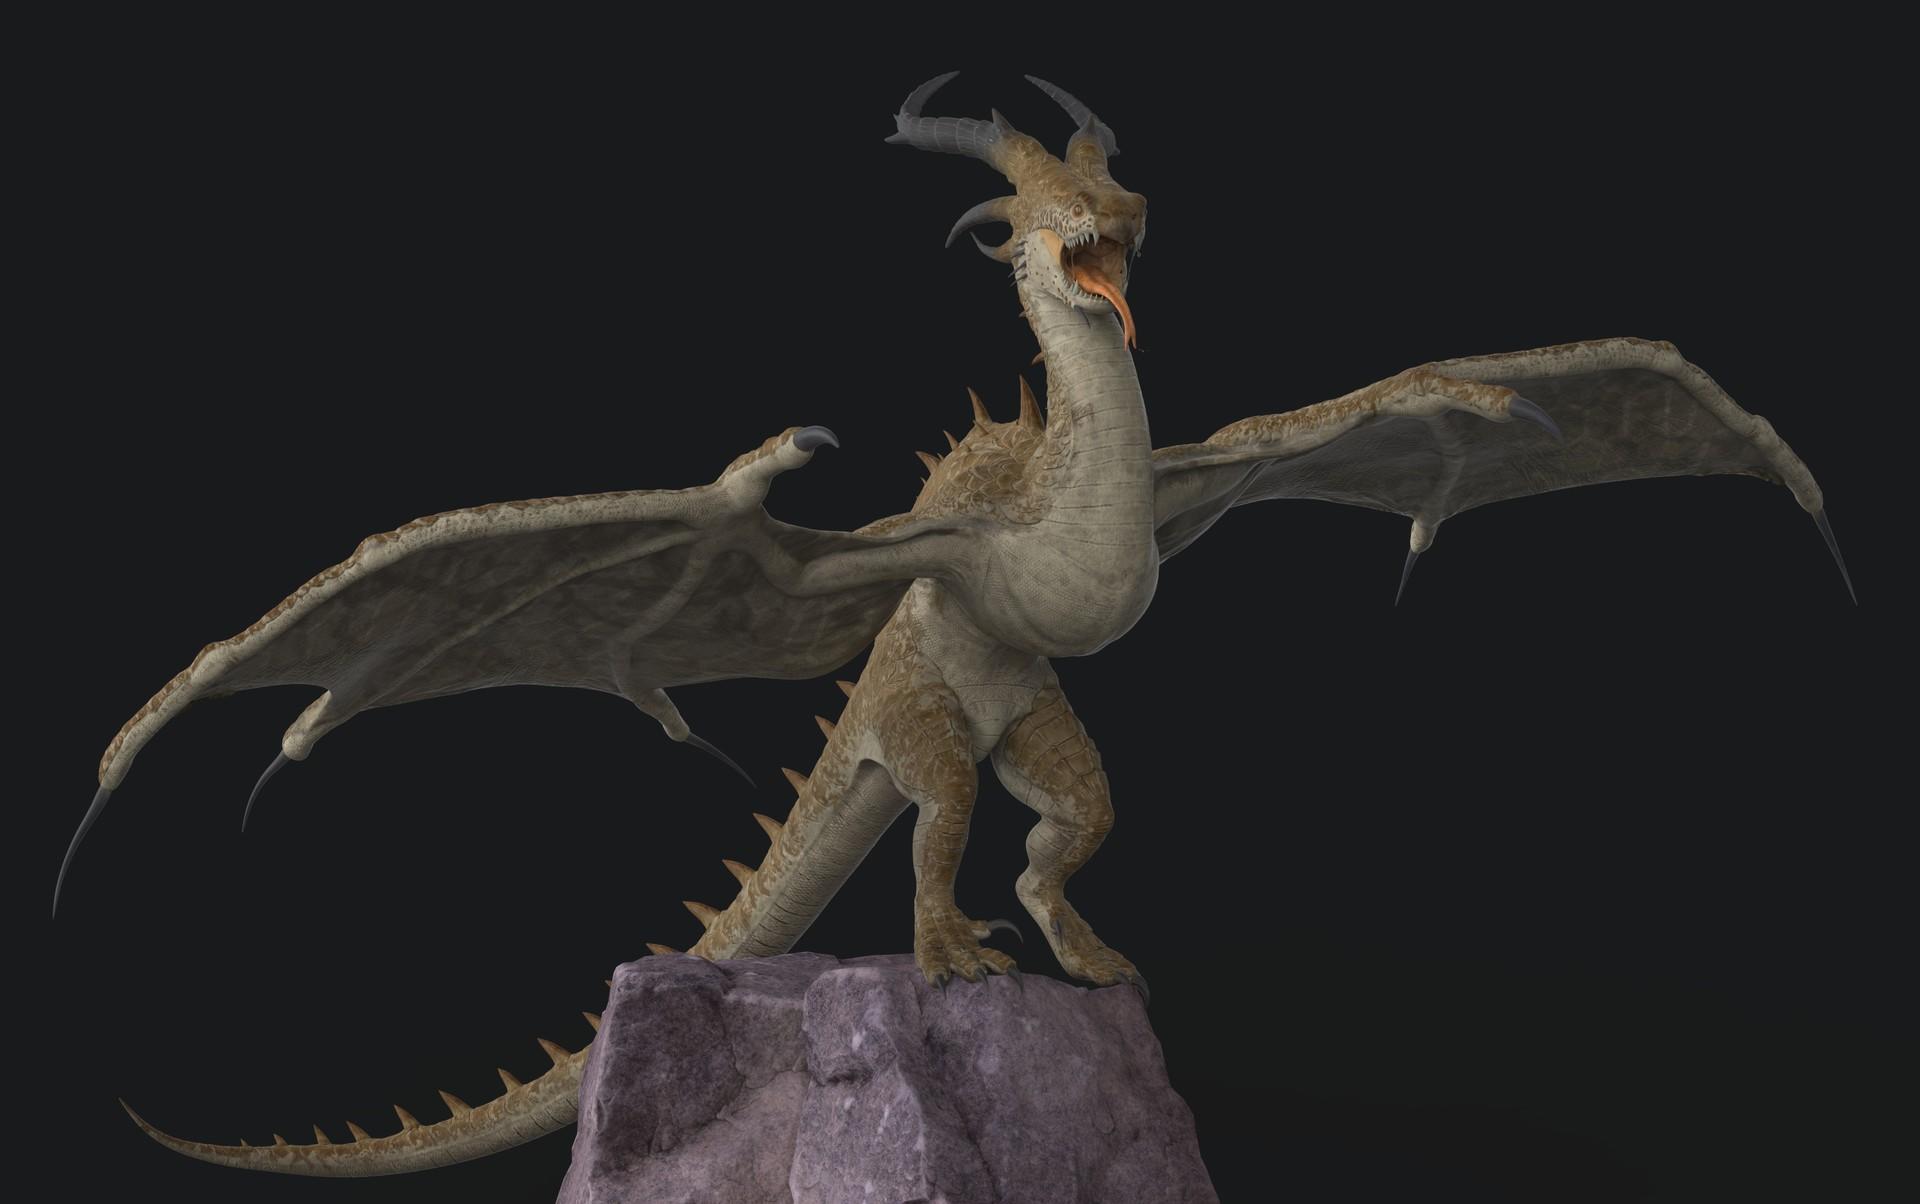 Miquel purra dragon 8